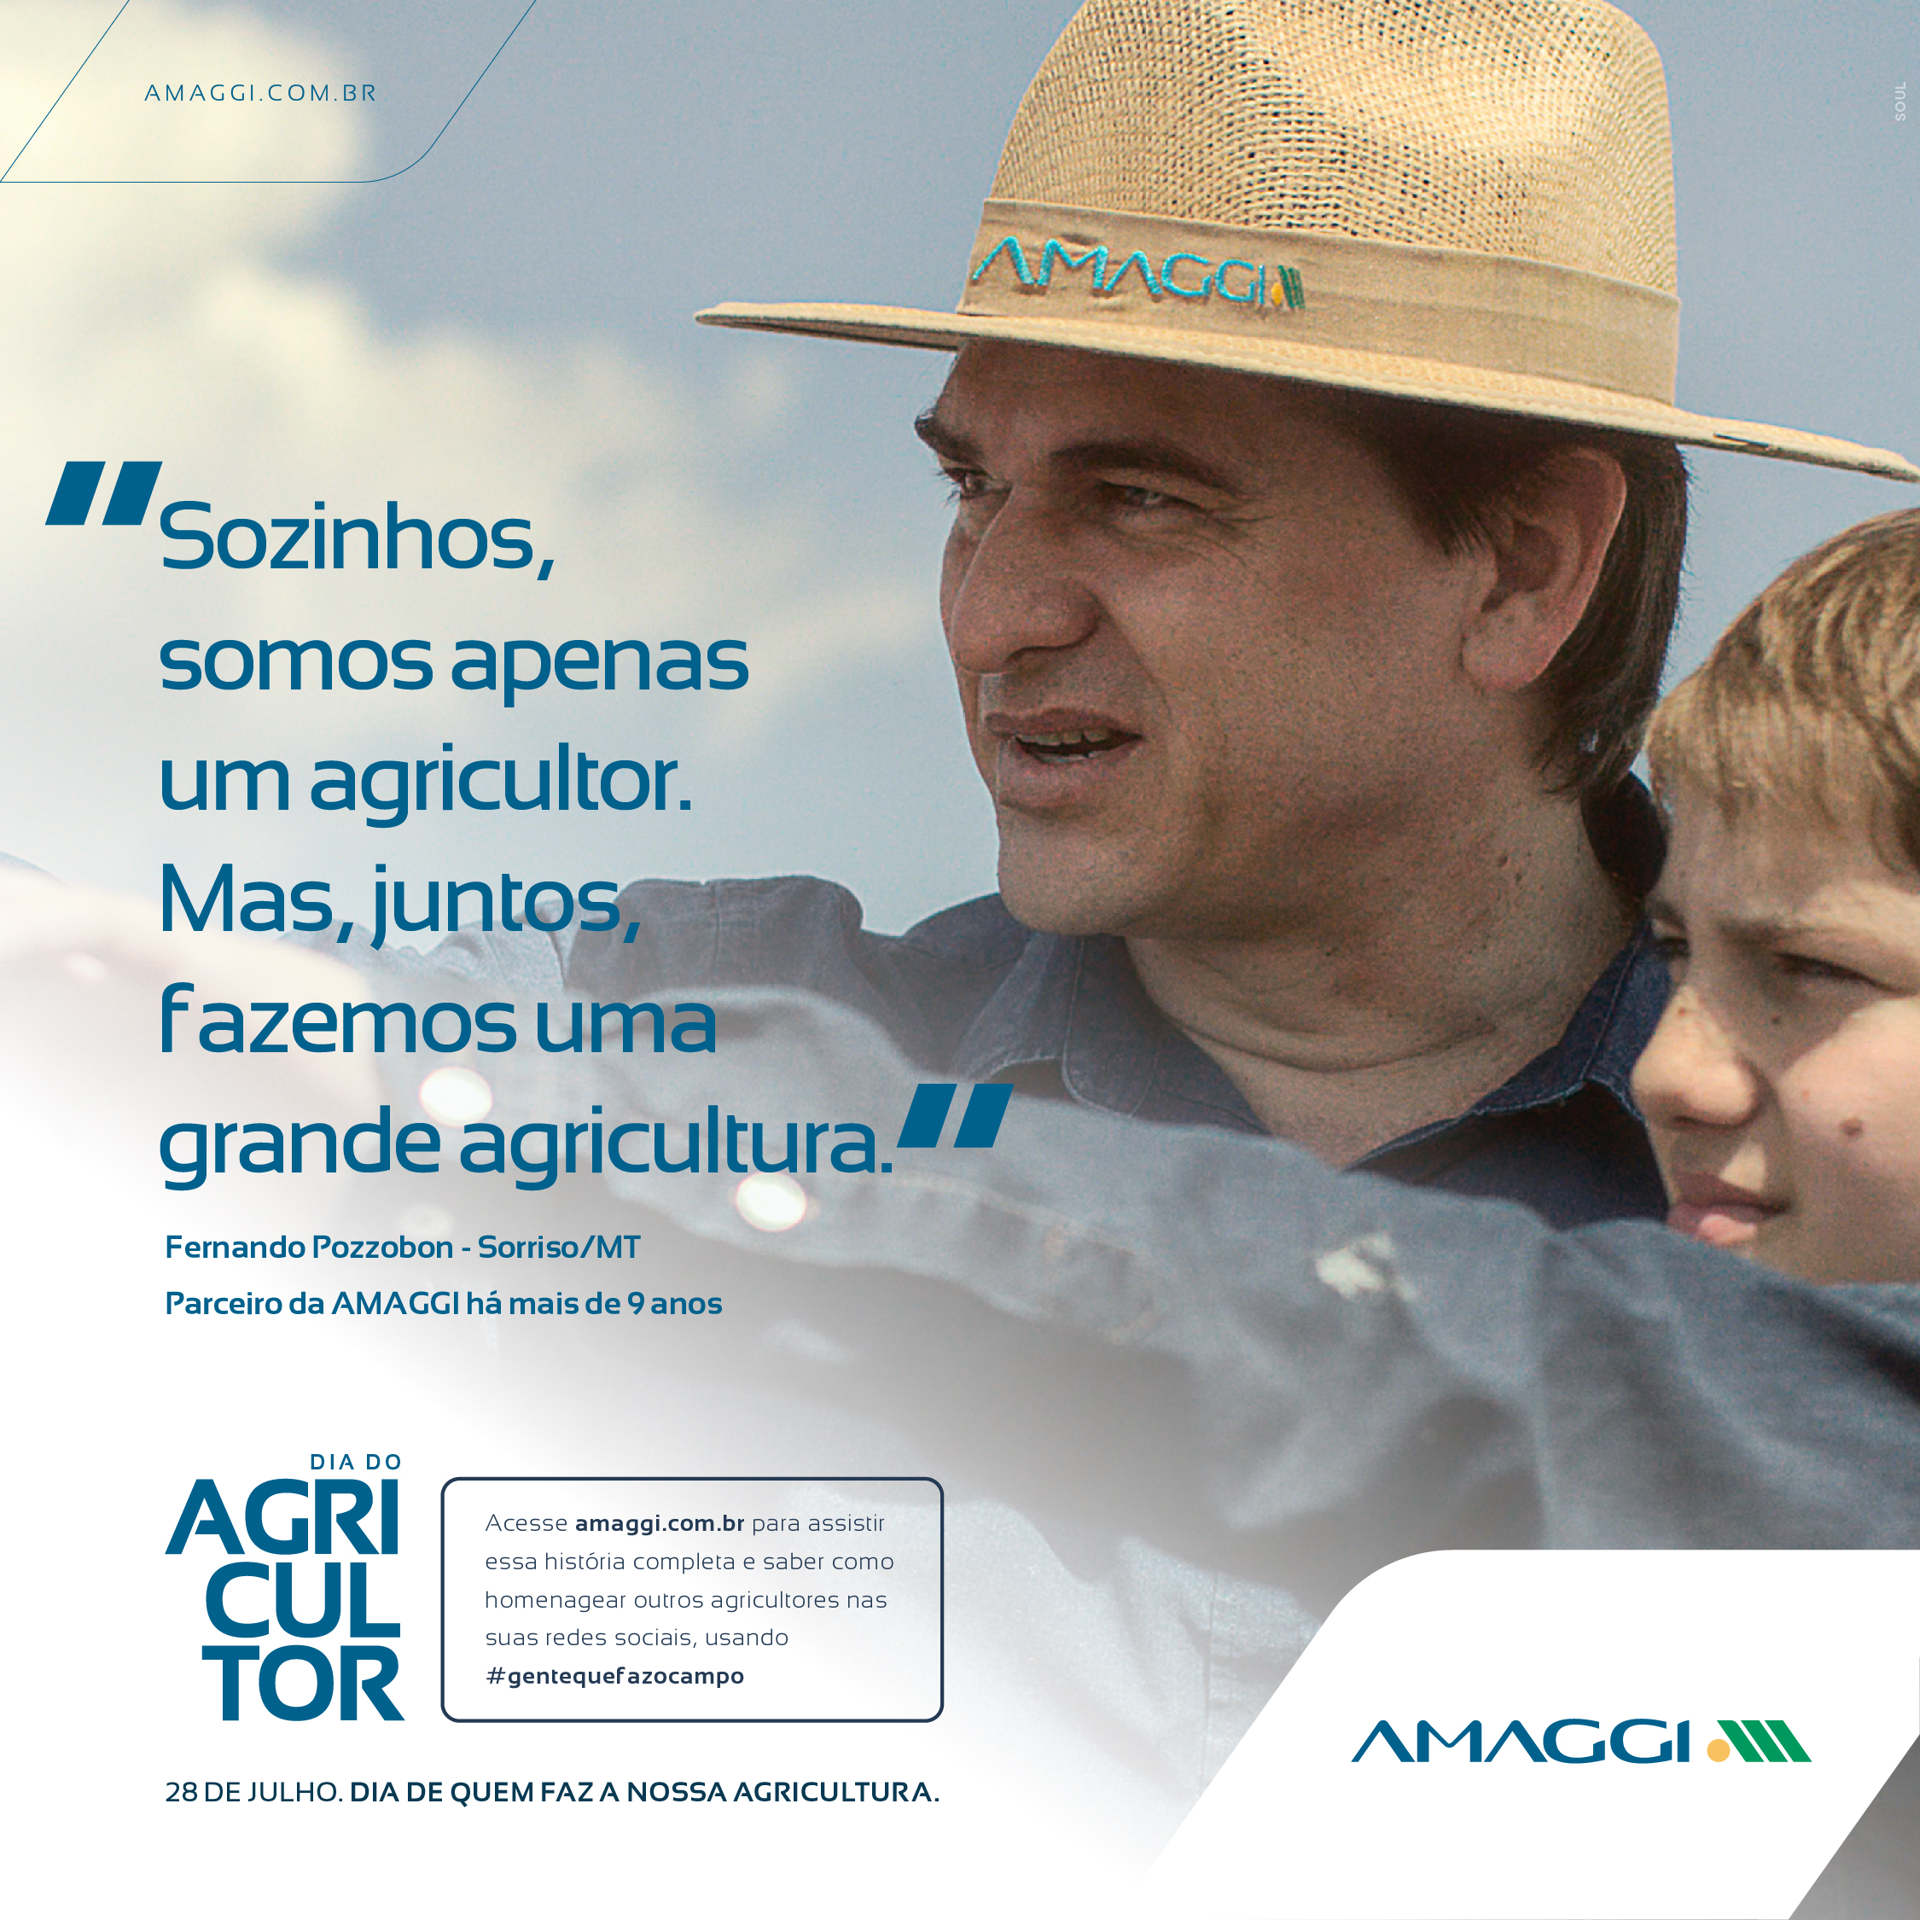 Redes Sociais 190716 (DIA DO AGRICULTOR) Post Fernando Pozzobon - 1080x1080px_Prancheta 1